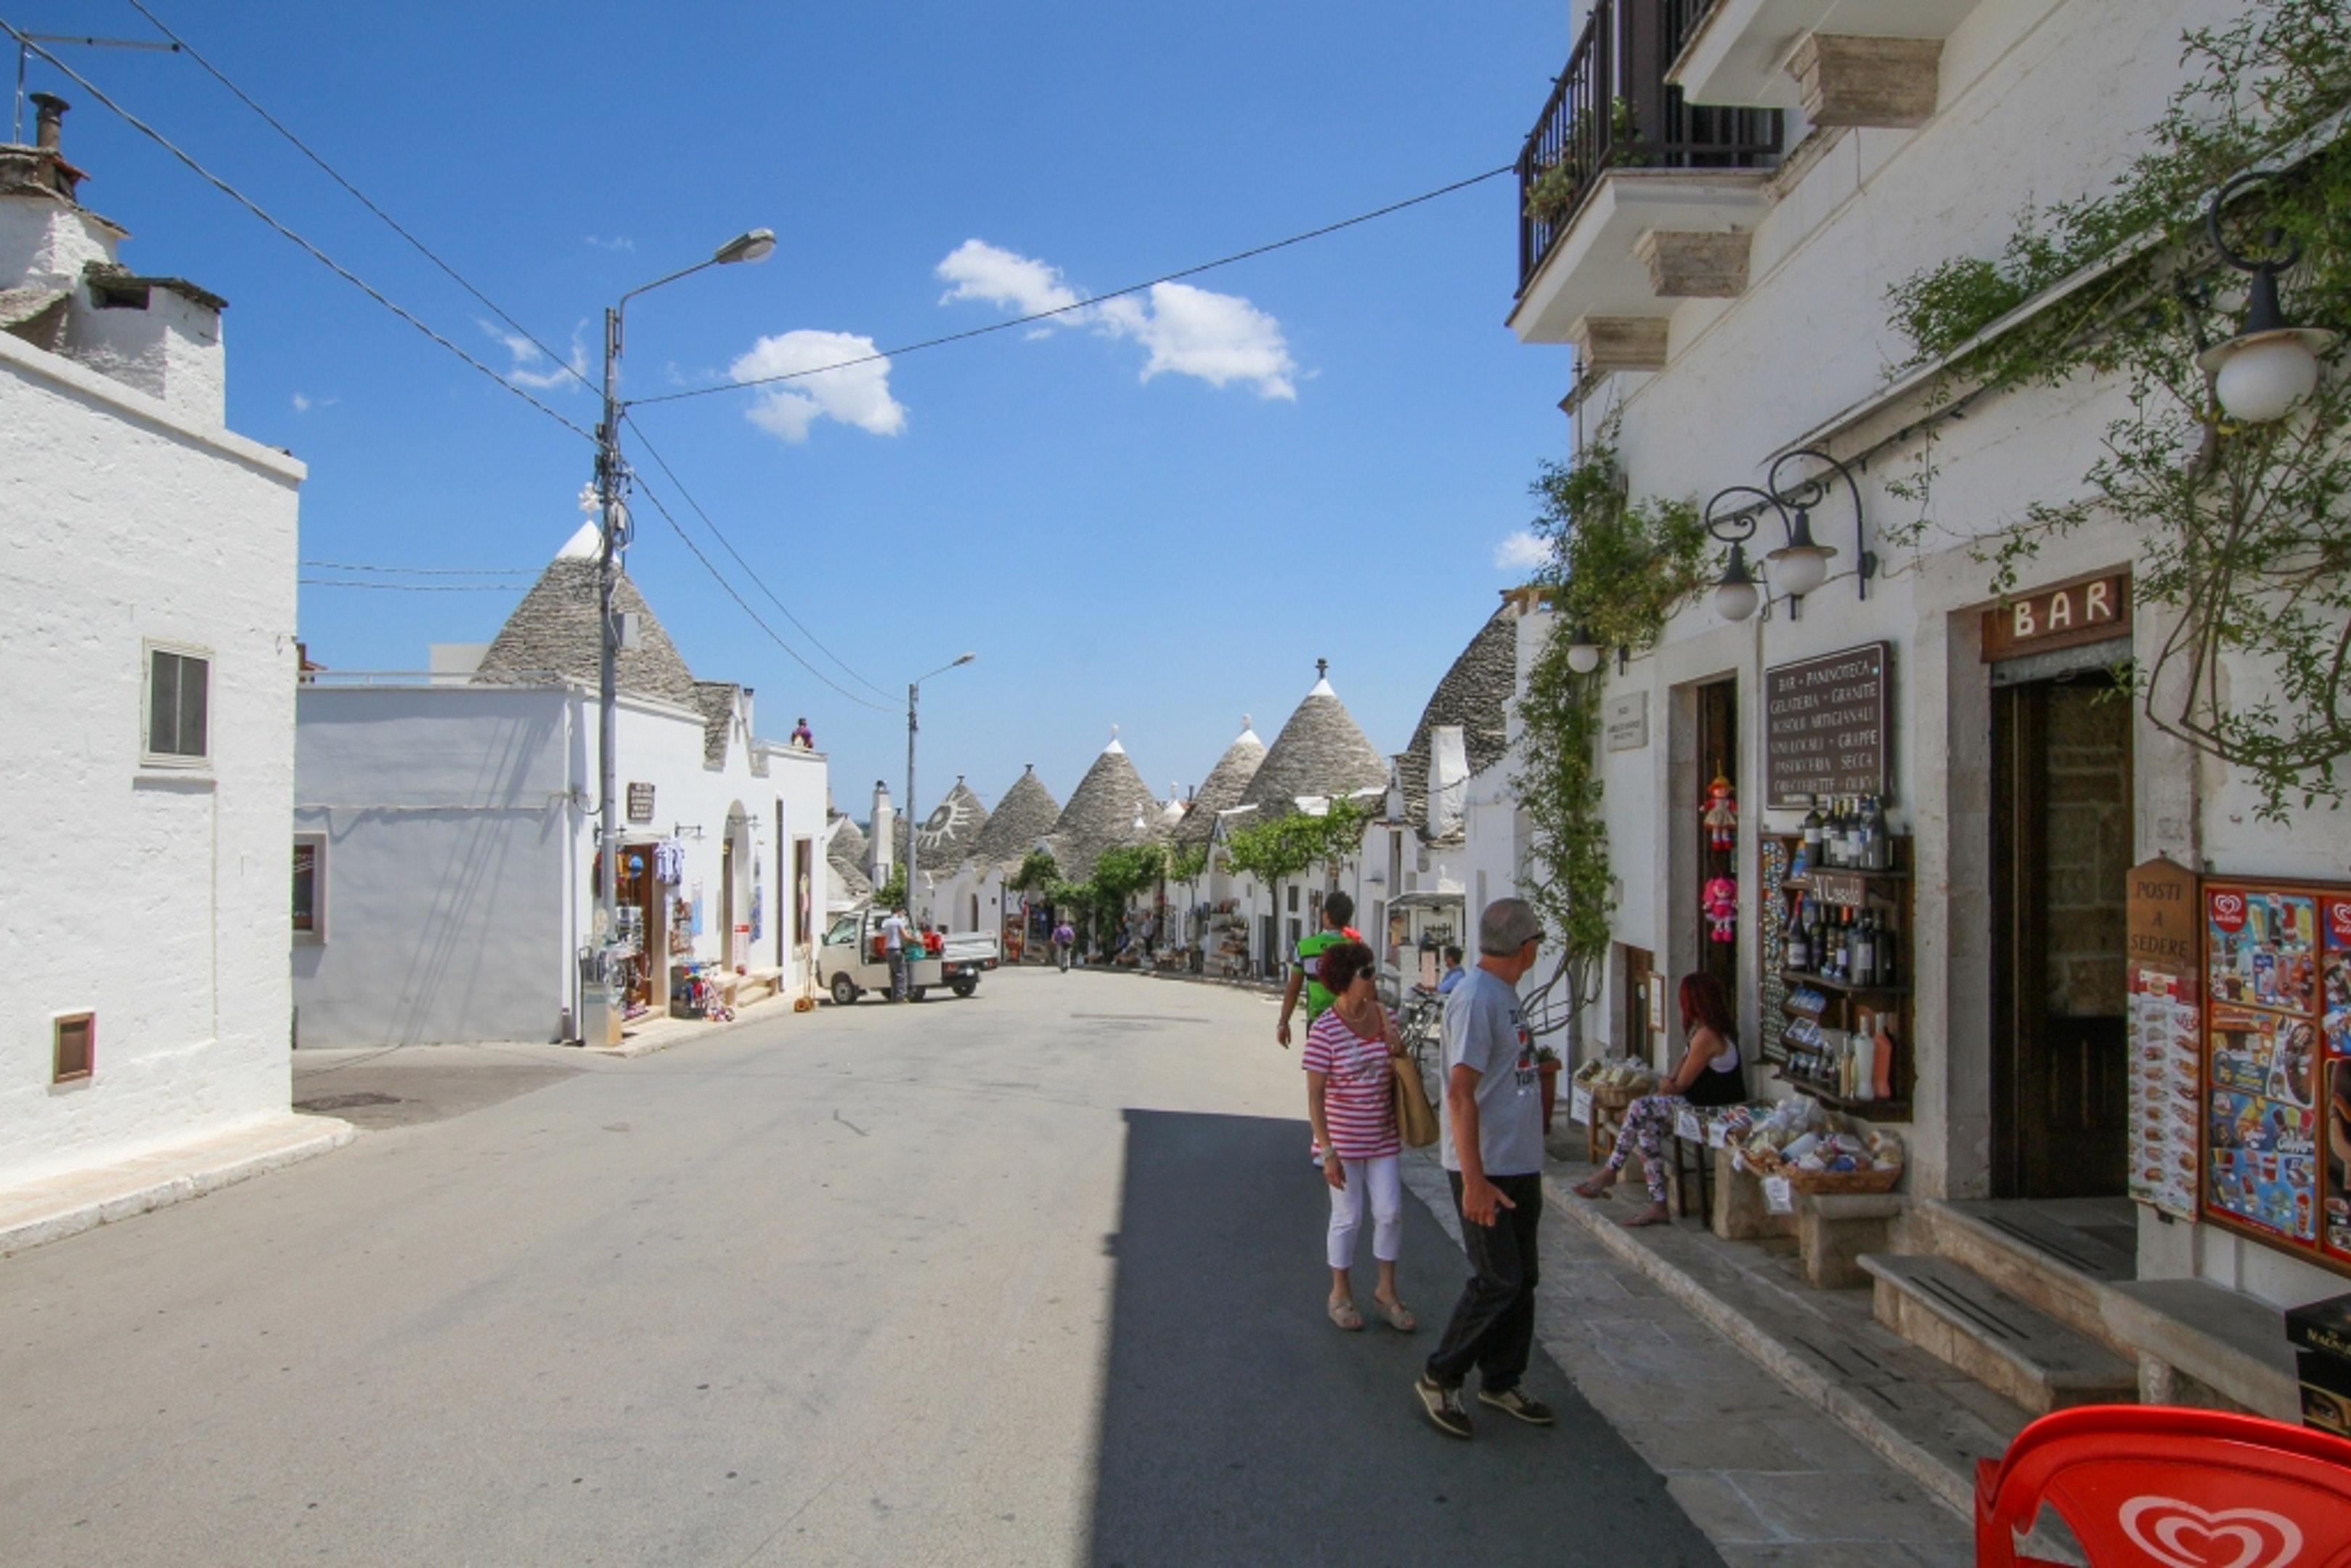 Ferienwohnung Wohnung mit 2 Schlafzimmern in Alberobello mit schöner Aussicht auf die Stadt und W-LAN -  (2201240), Alberobello, Bari, Apulien, Italien, Bild 43